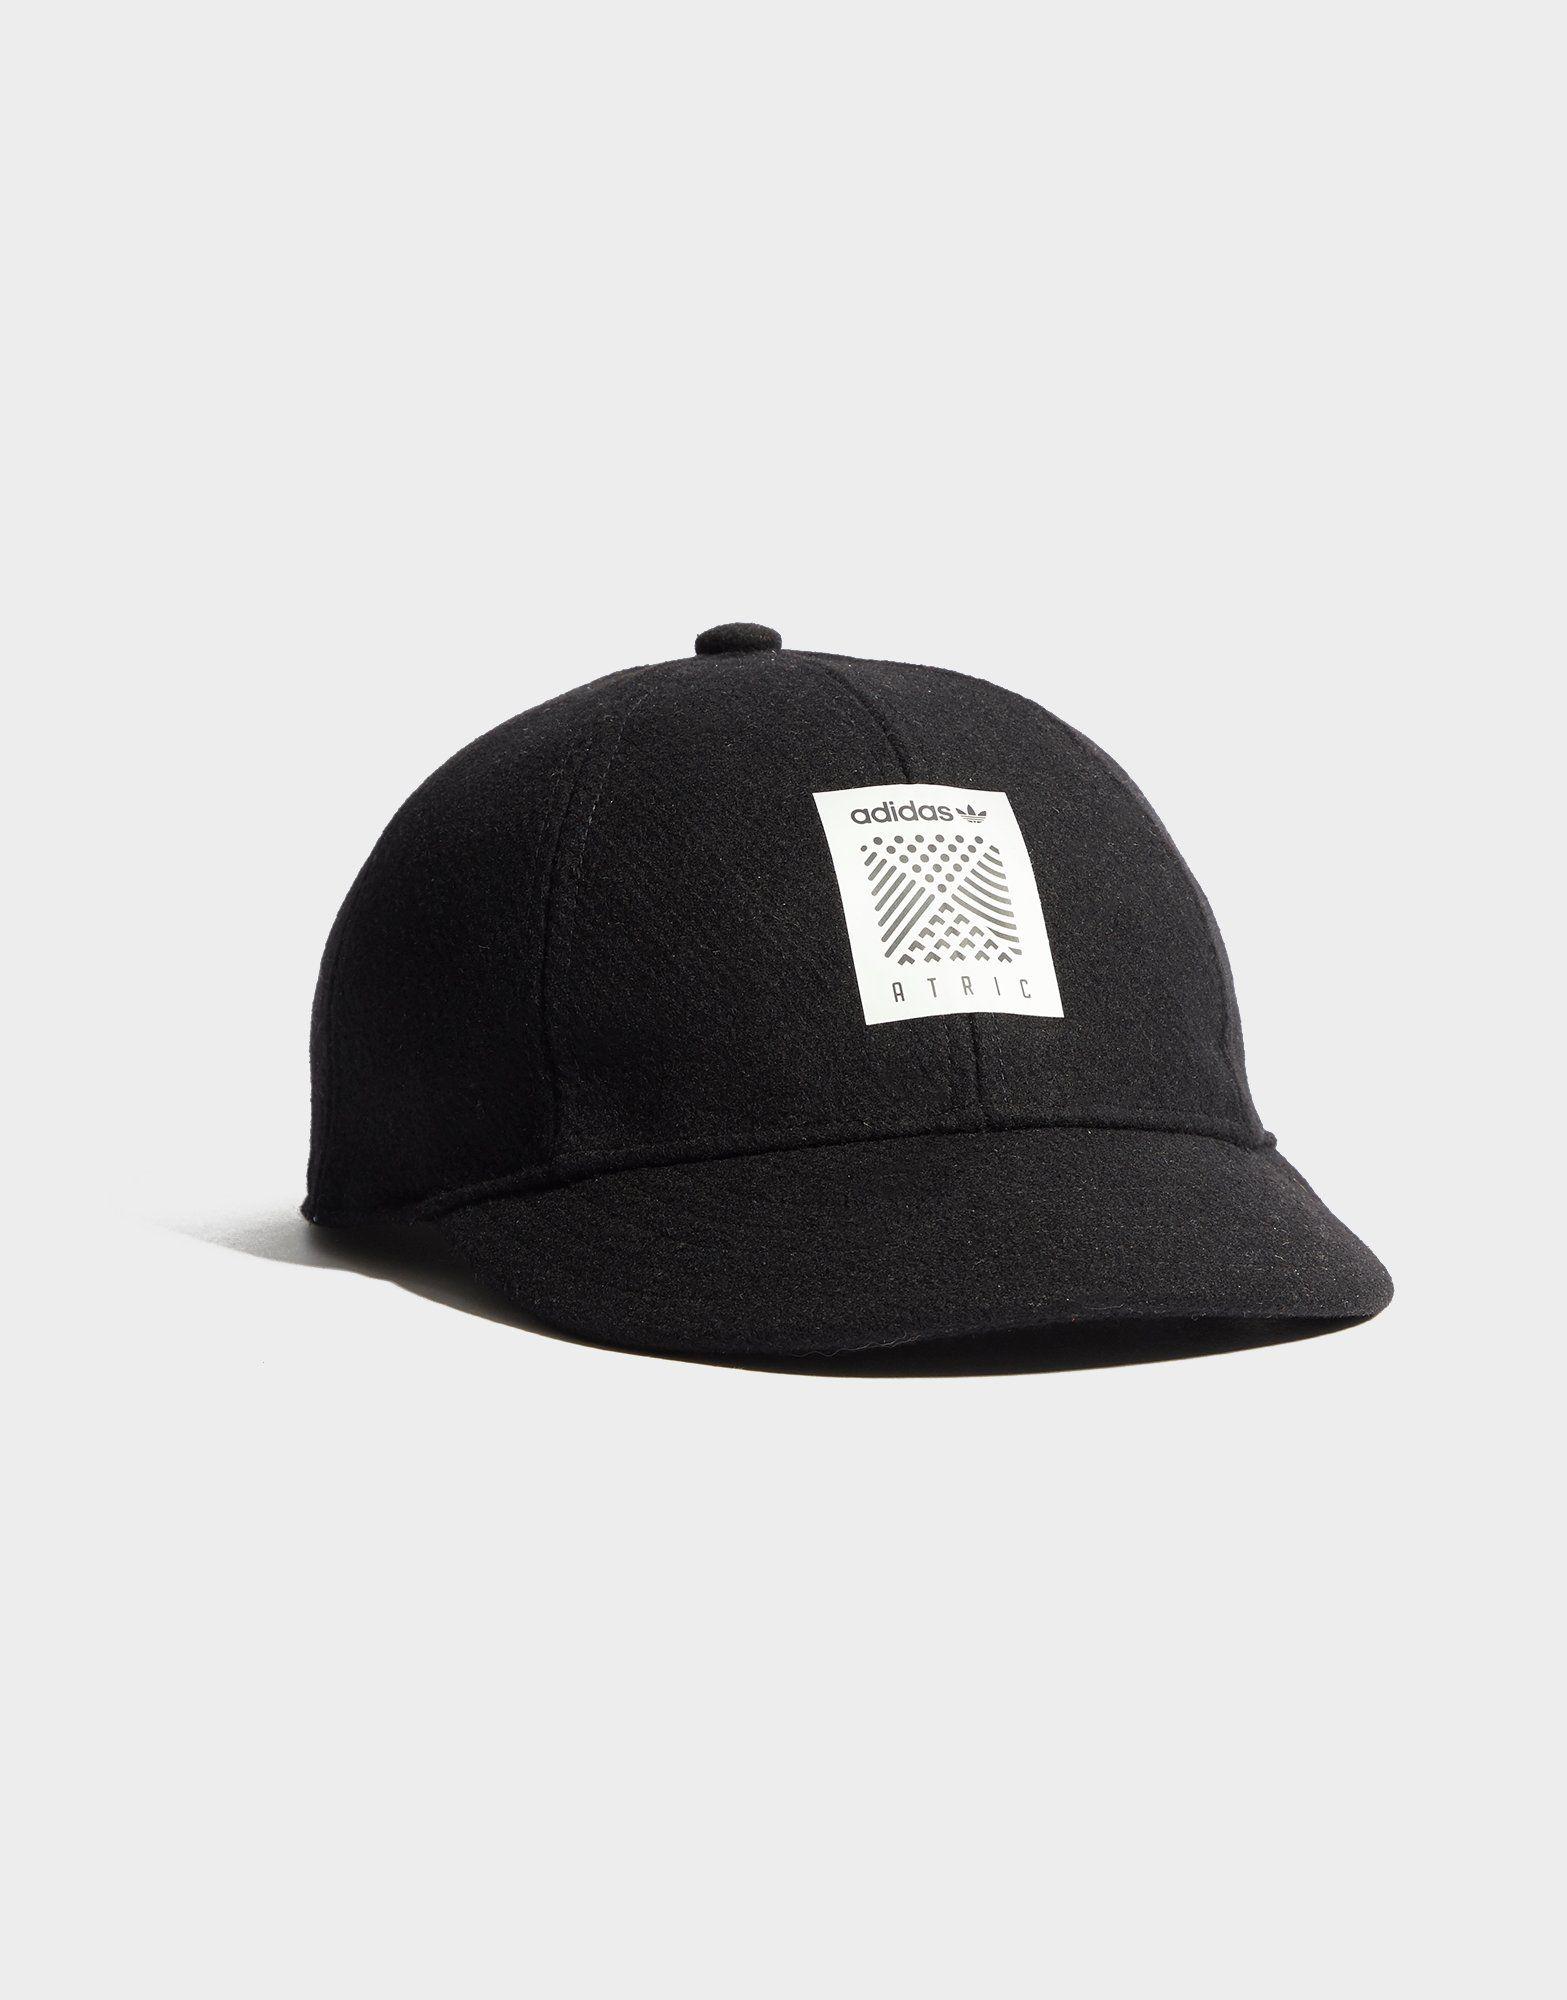 cba120c9558a8 adidas Originals Atric Baseball Cap